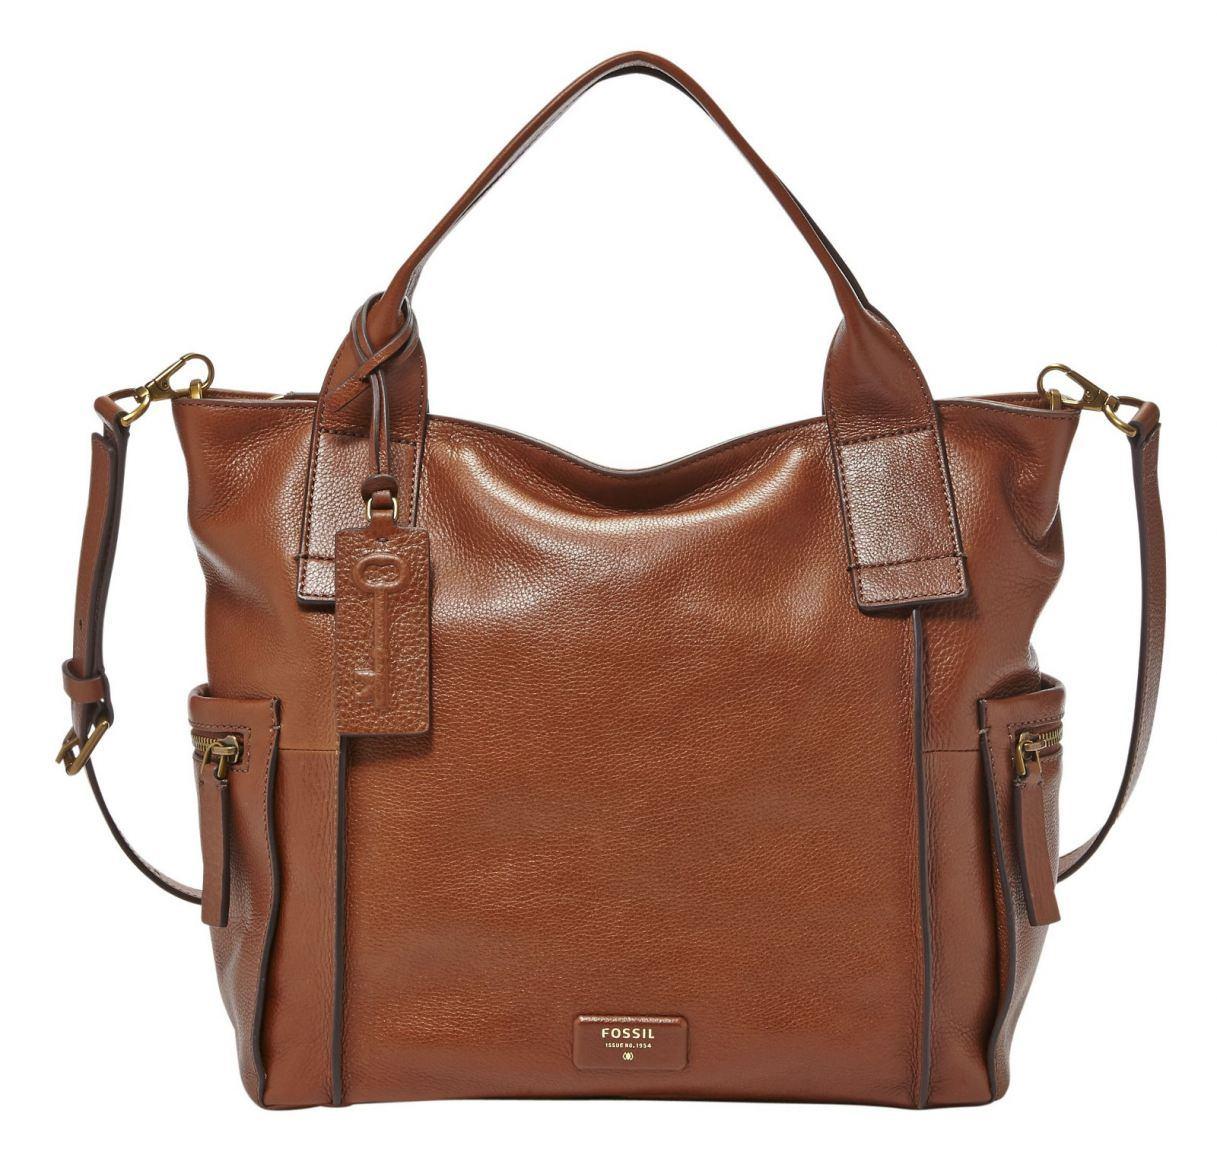 fossil emerson satchel handtasche leder braun bags more. Black Bedroom Furniture Sets. Home Design Ideas